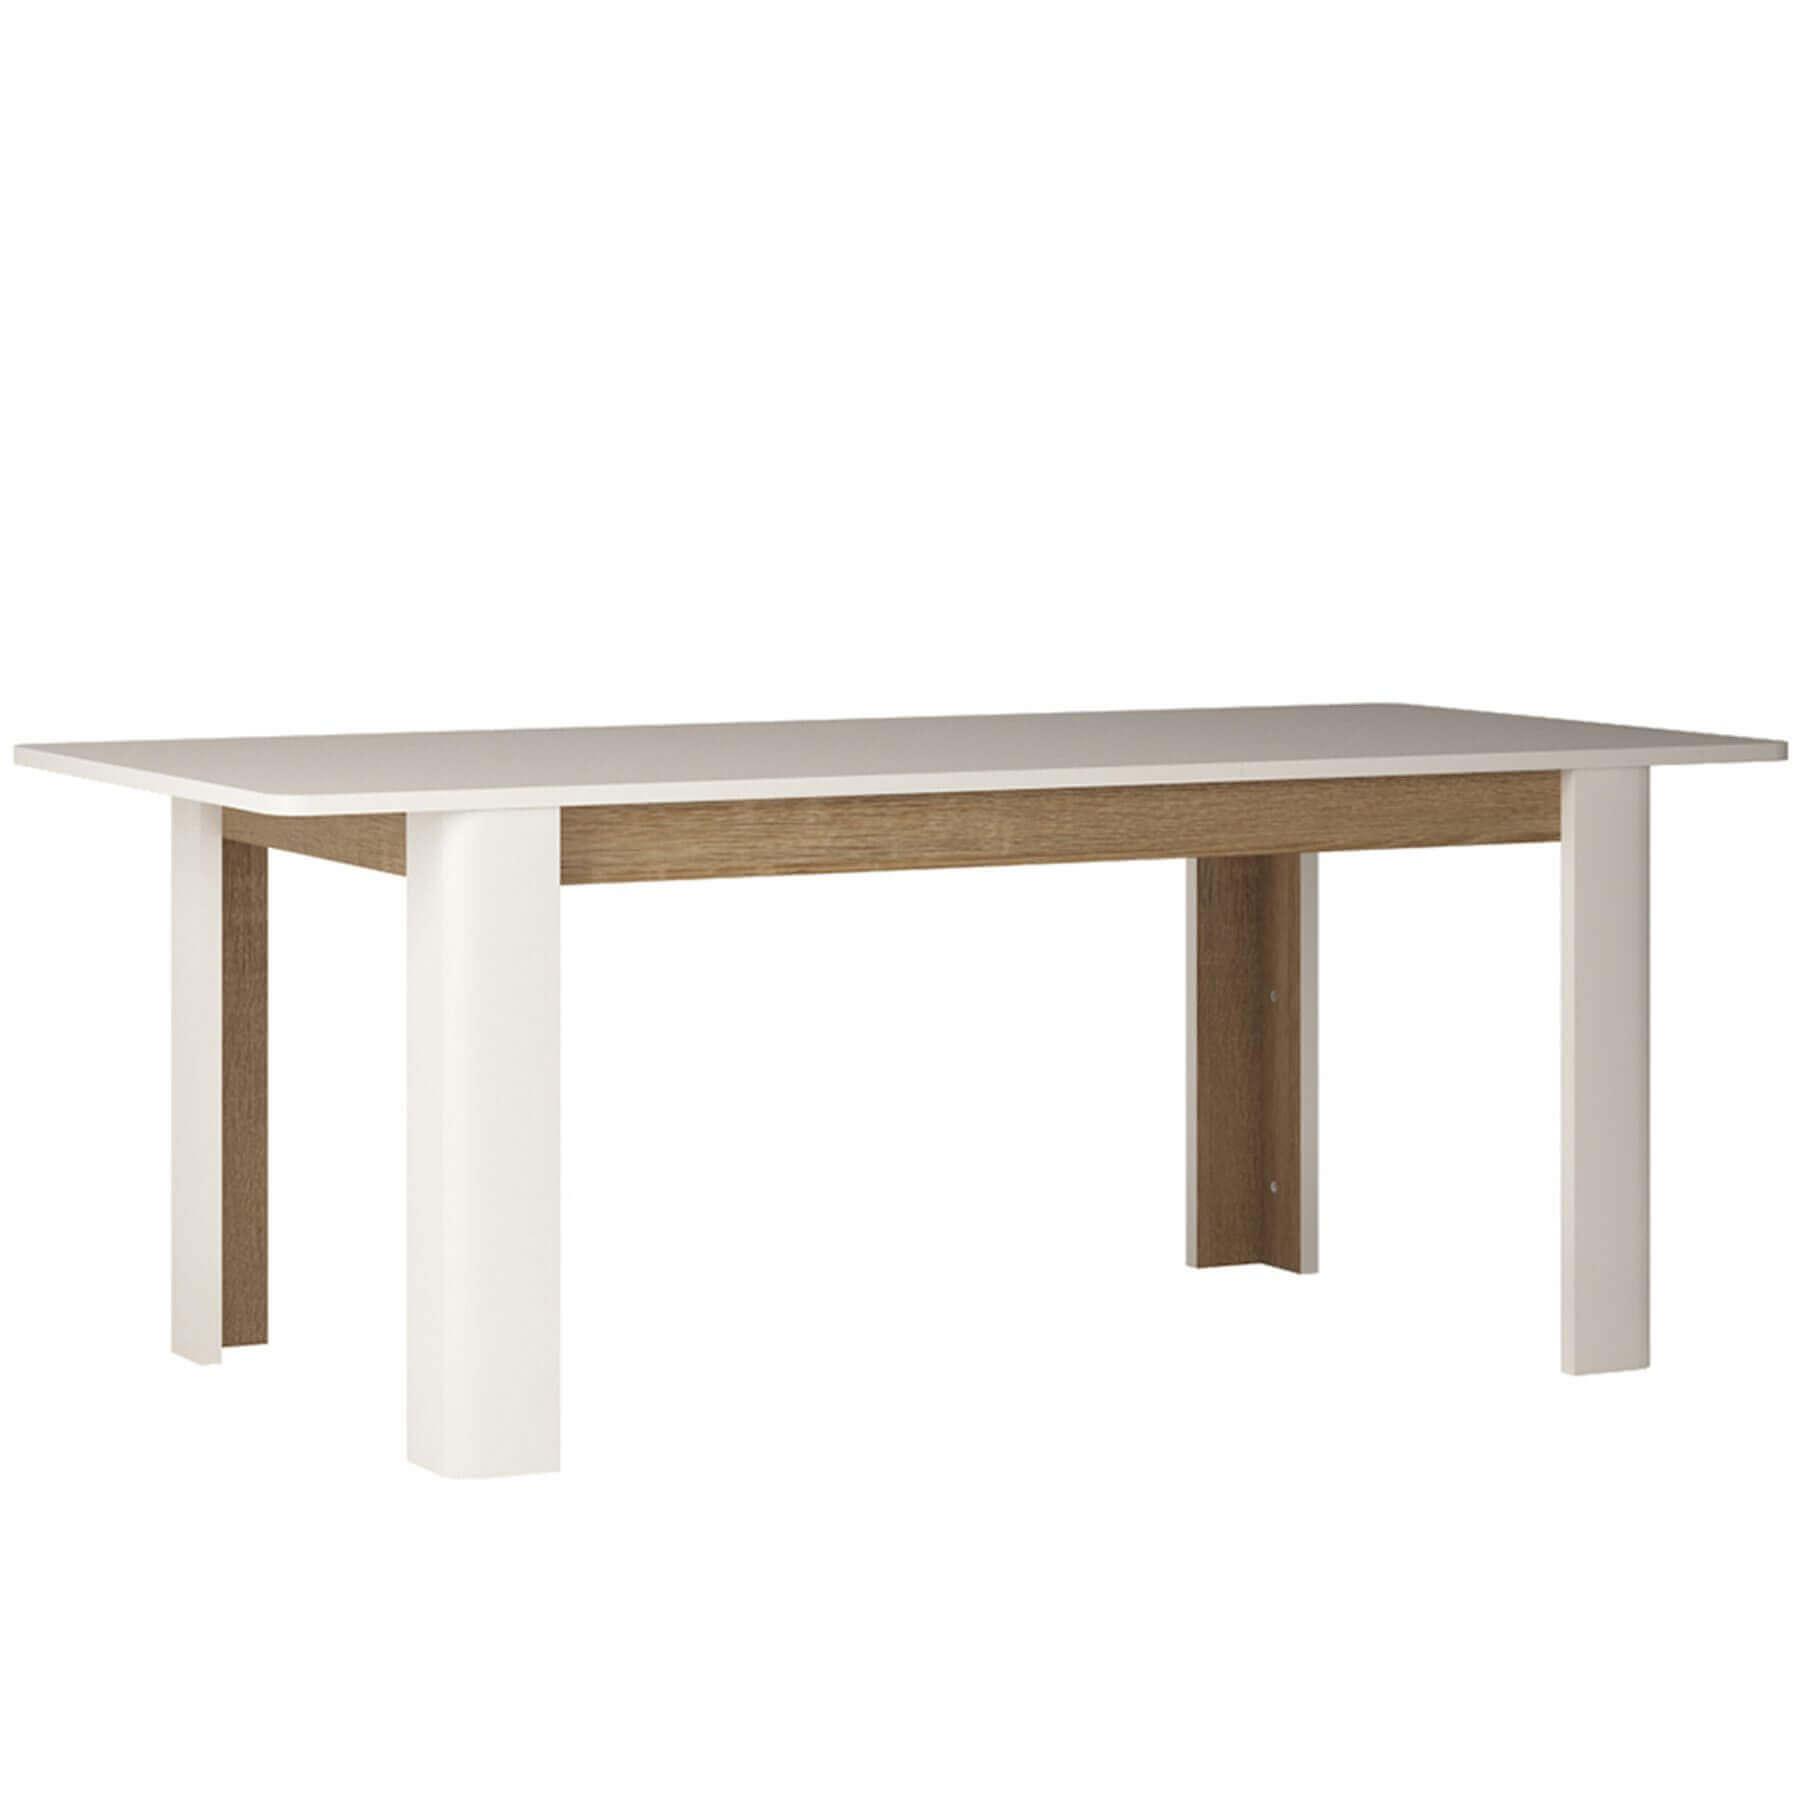 Mode Extending White Gloss Dining Table 2